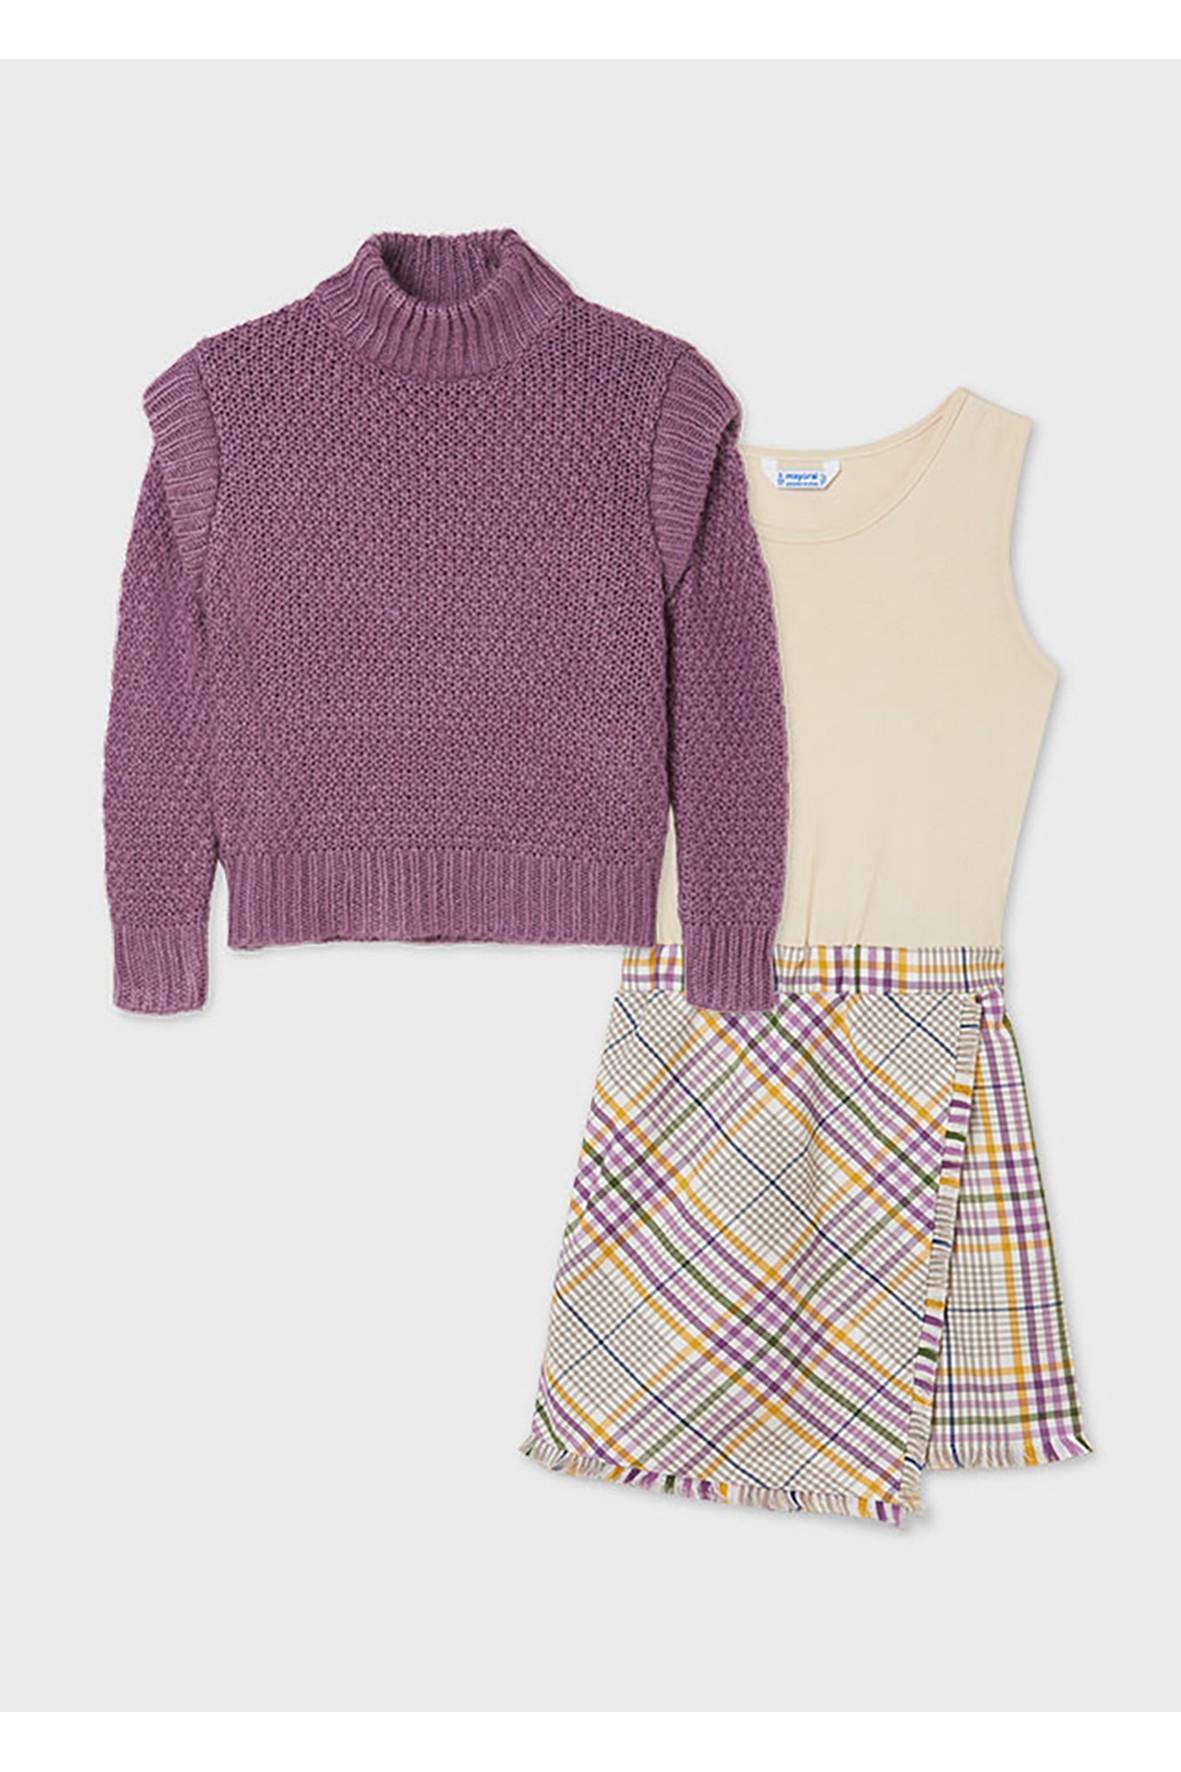 Komplet dziewczęcy Mayoral - sukienka w kratkę i fioletowy sweter